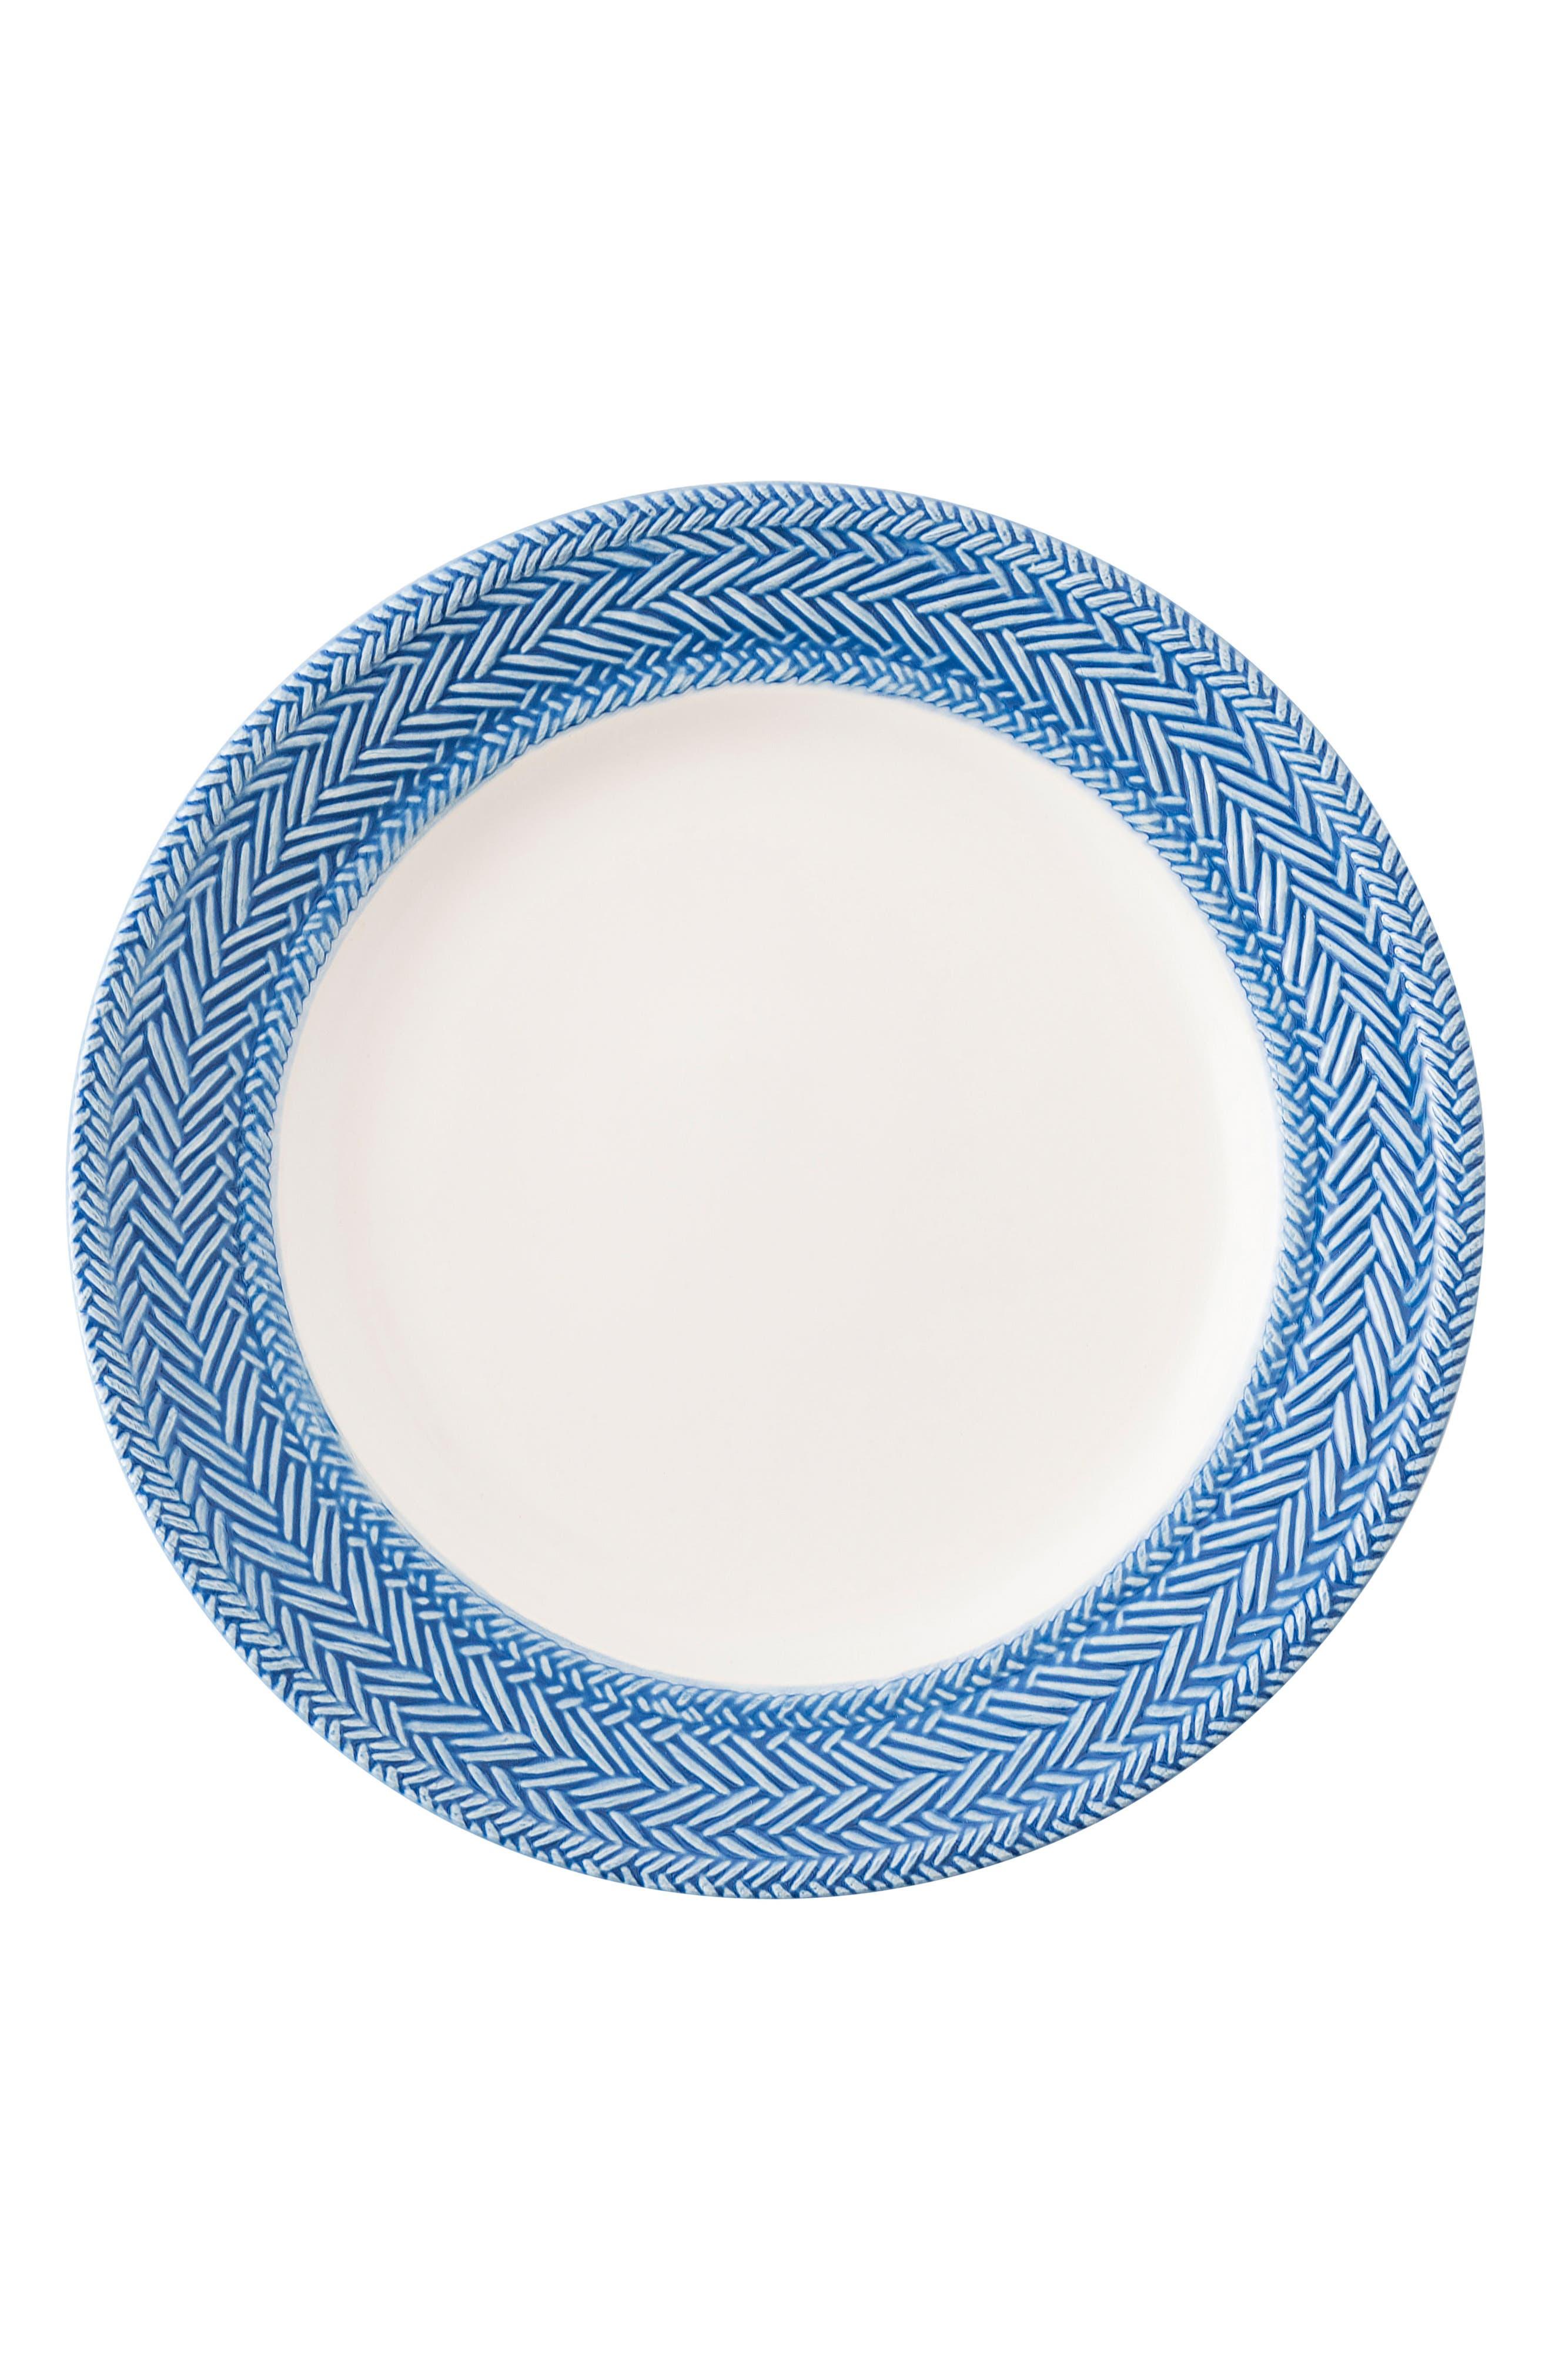 Le Panier Salad Plate,                             Main thumbnail 1, color,                             Whitewash/ Delft Blue